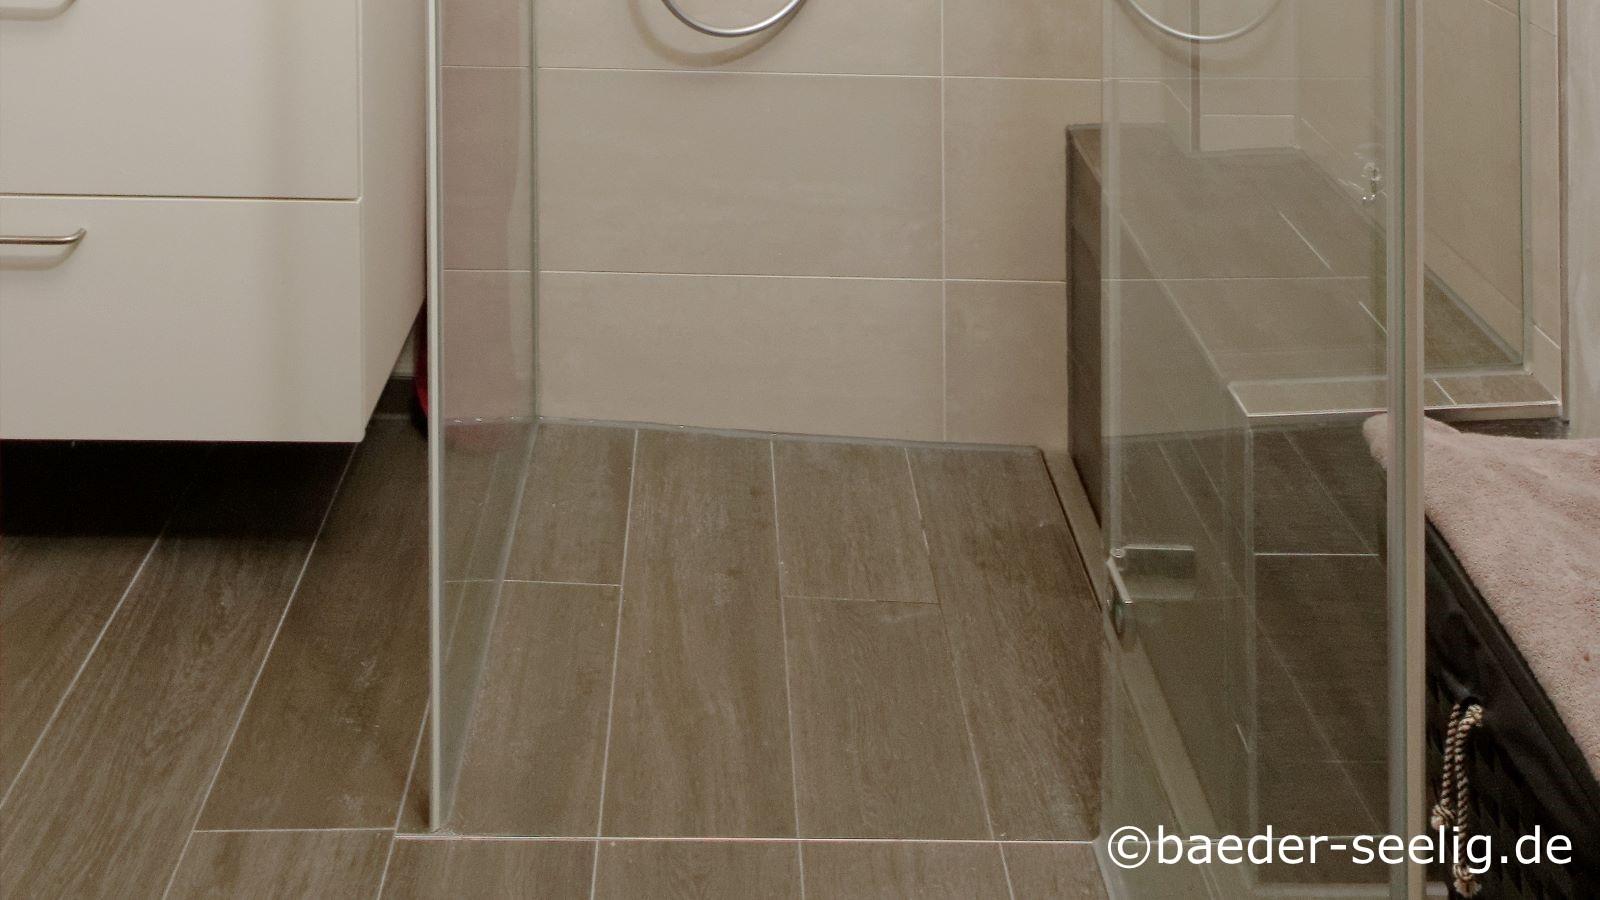 Abgebildet ist ein familienbad mit einer erdebenen duschkabine, die durch die flexibelste bodenablaufrinne fuer nachtraeglich verwirklichte duschen realisiert werden konnte. Die cm-genau massgefertigte v4a edelstahl-duschrinne pro konnte hier dank ihrer sehr niedrigen einbauhoehe von nur 40 mm wandbuendig installiert werden.